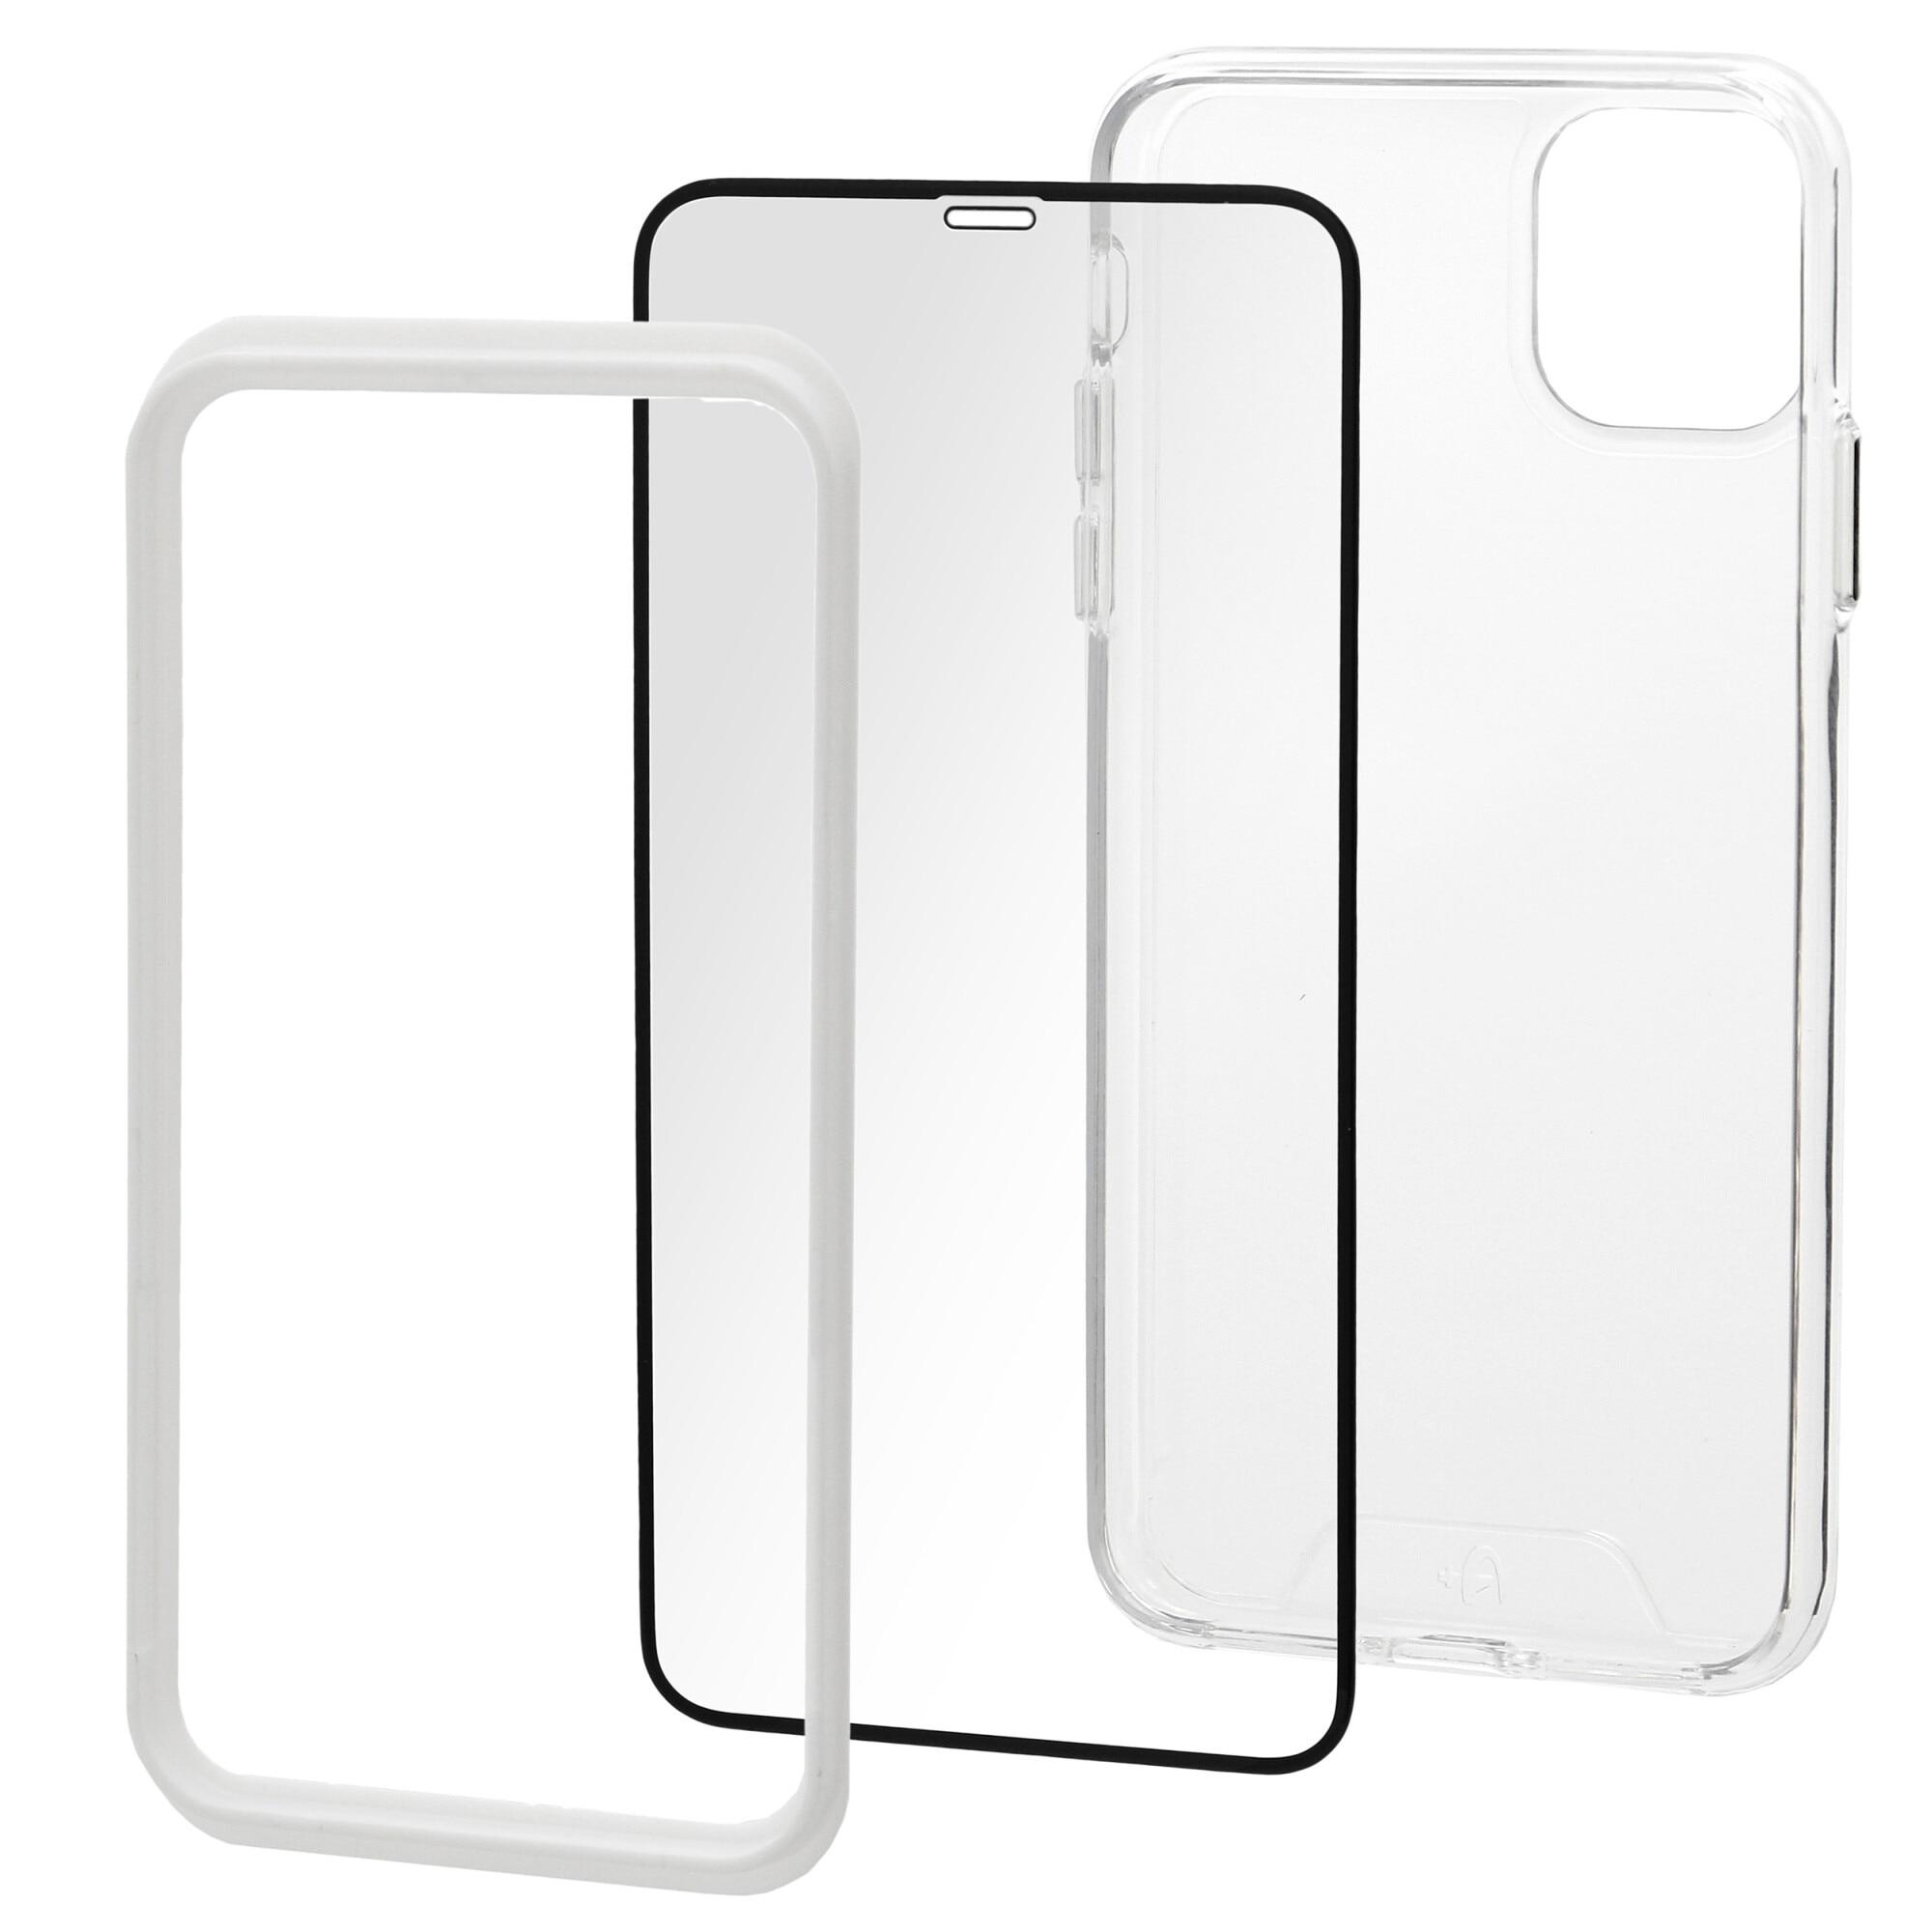 Fotografie Set Folie de protectie A+ Tempered Glass 3D/ Husa transparenta silicon A+ pentru iPhone 11 6.1''